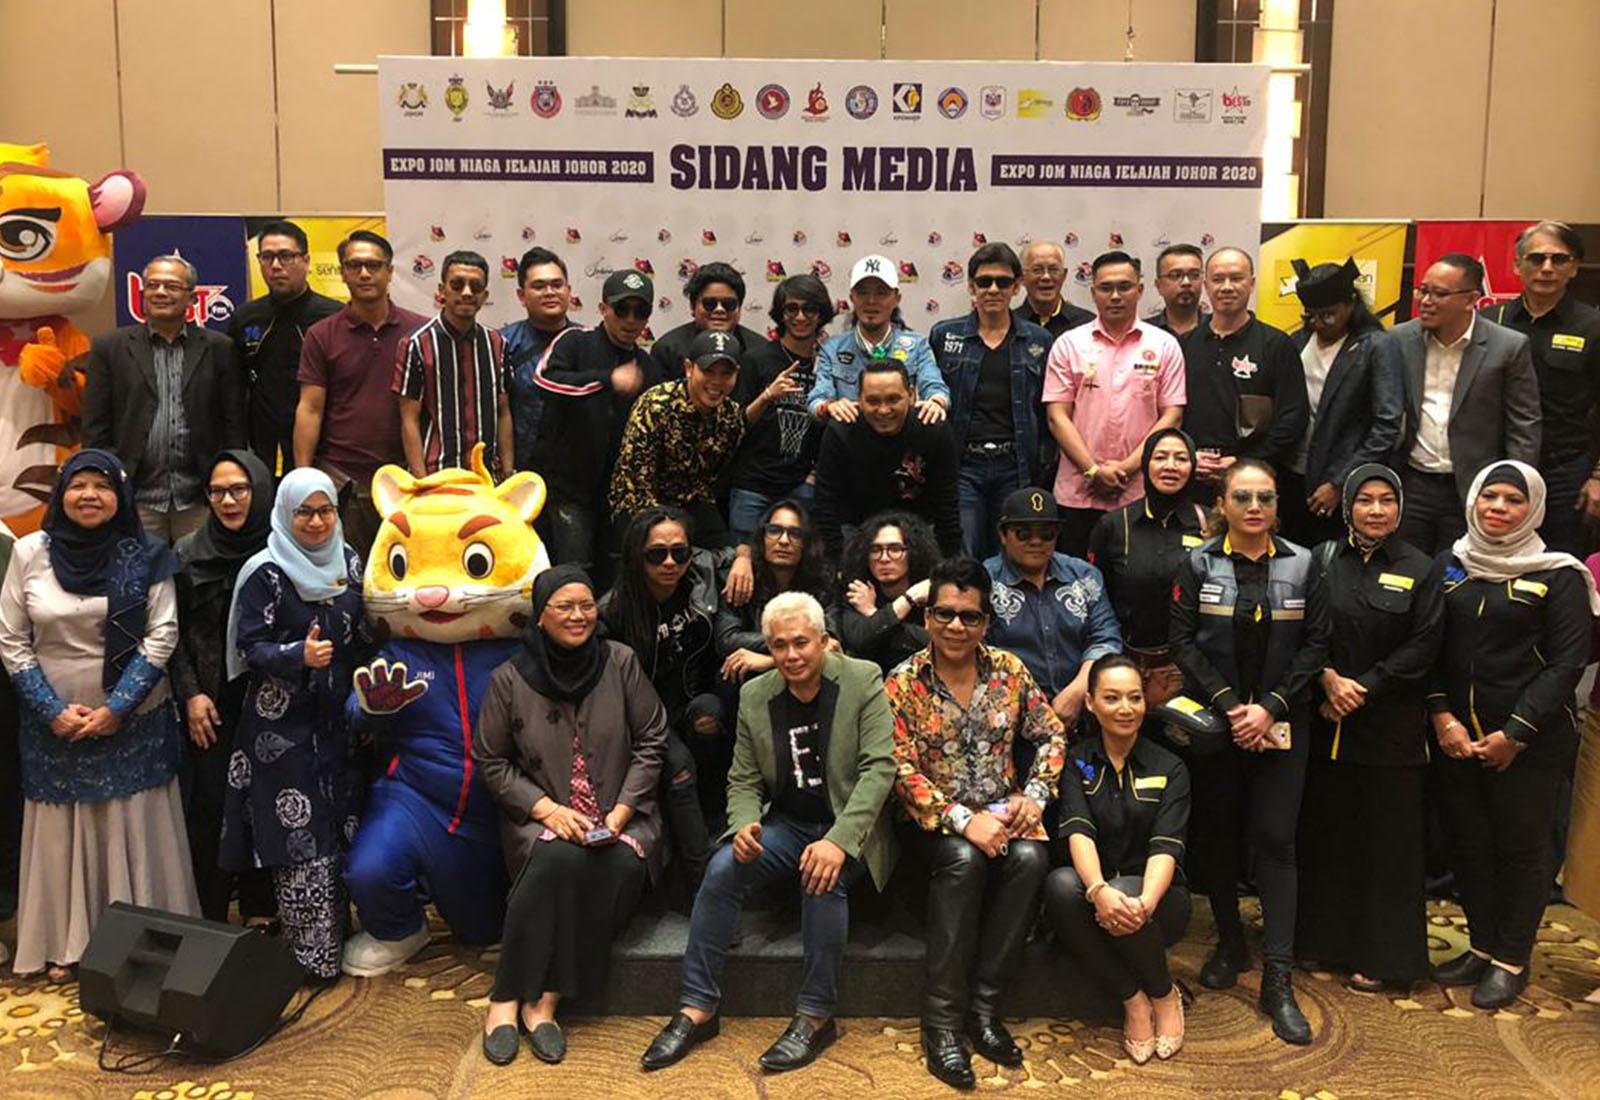 Photo of 100 Selebriti Tempatan Bakal Meriahkan Expo Jom Niaga Jelajah Johor 2020